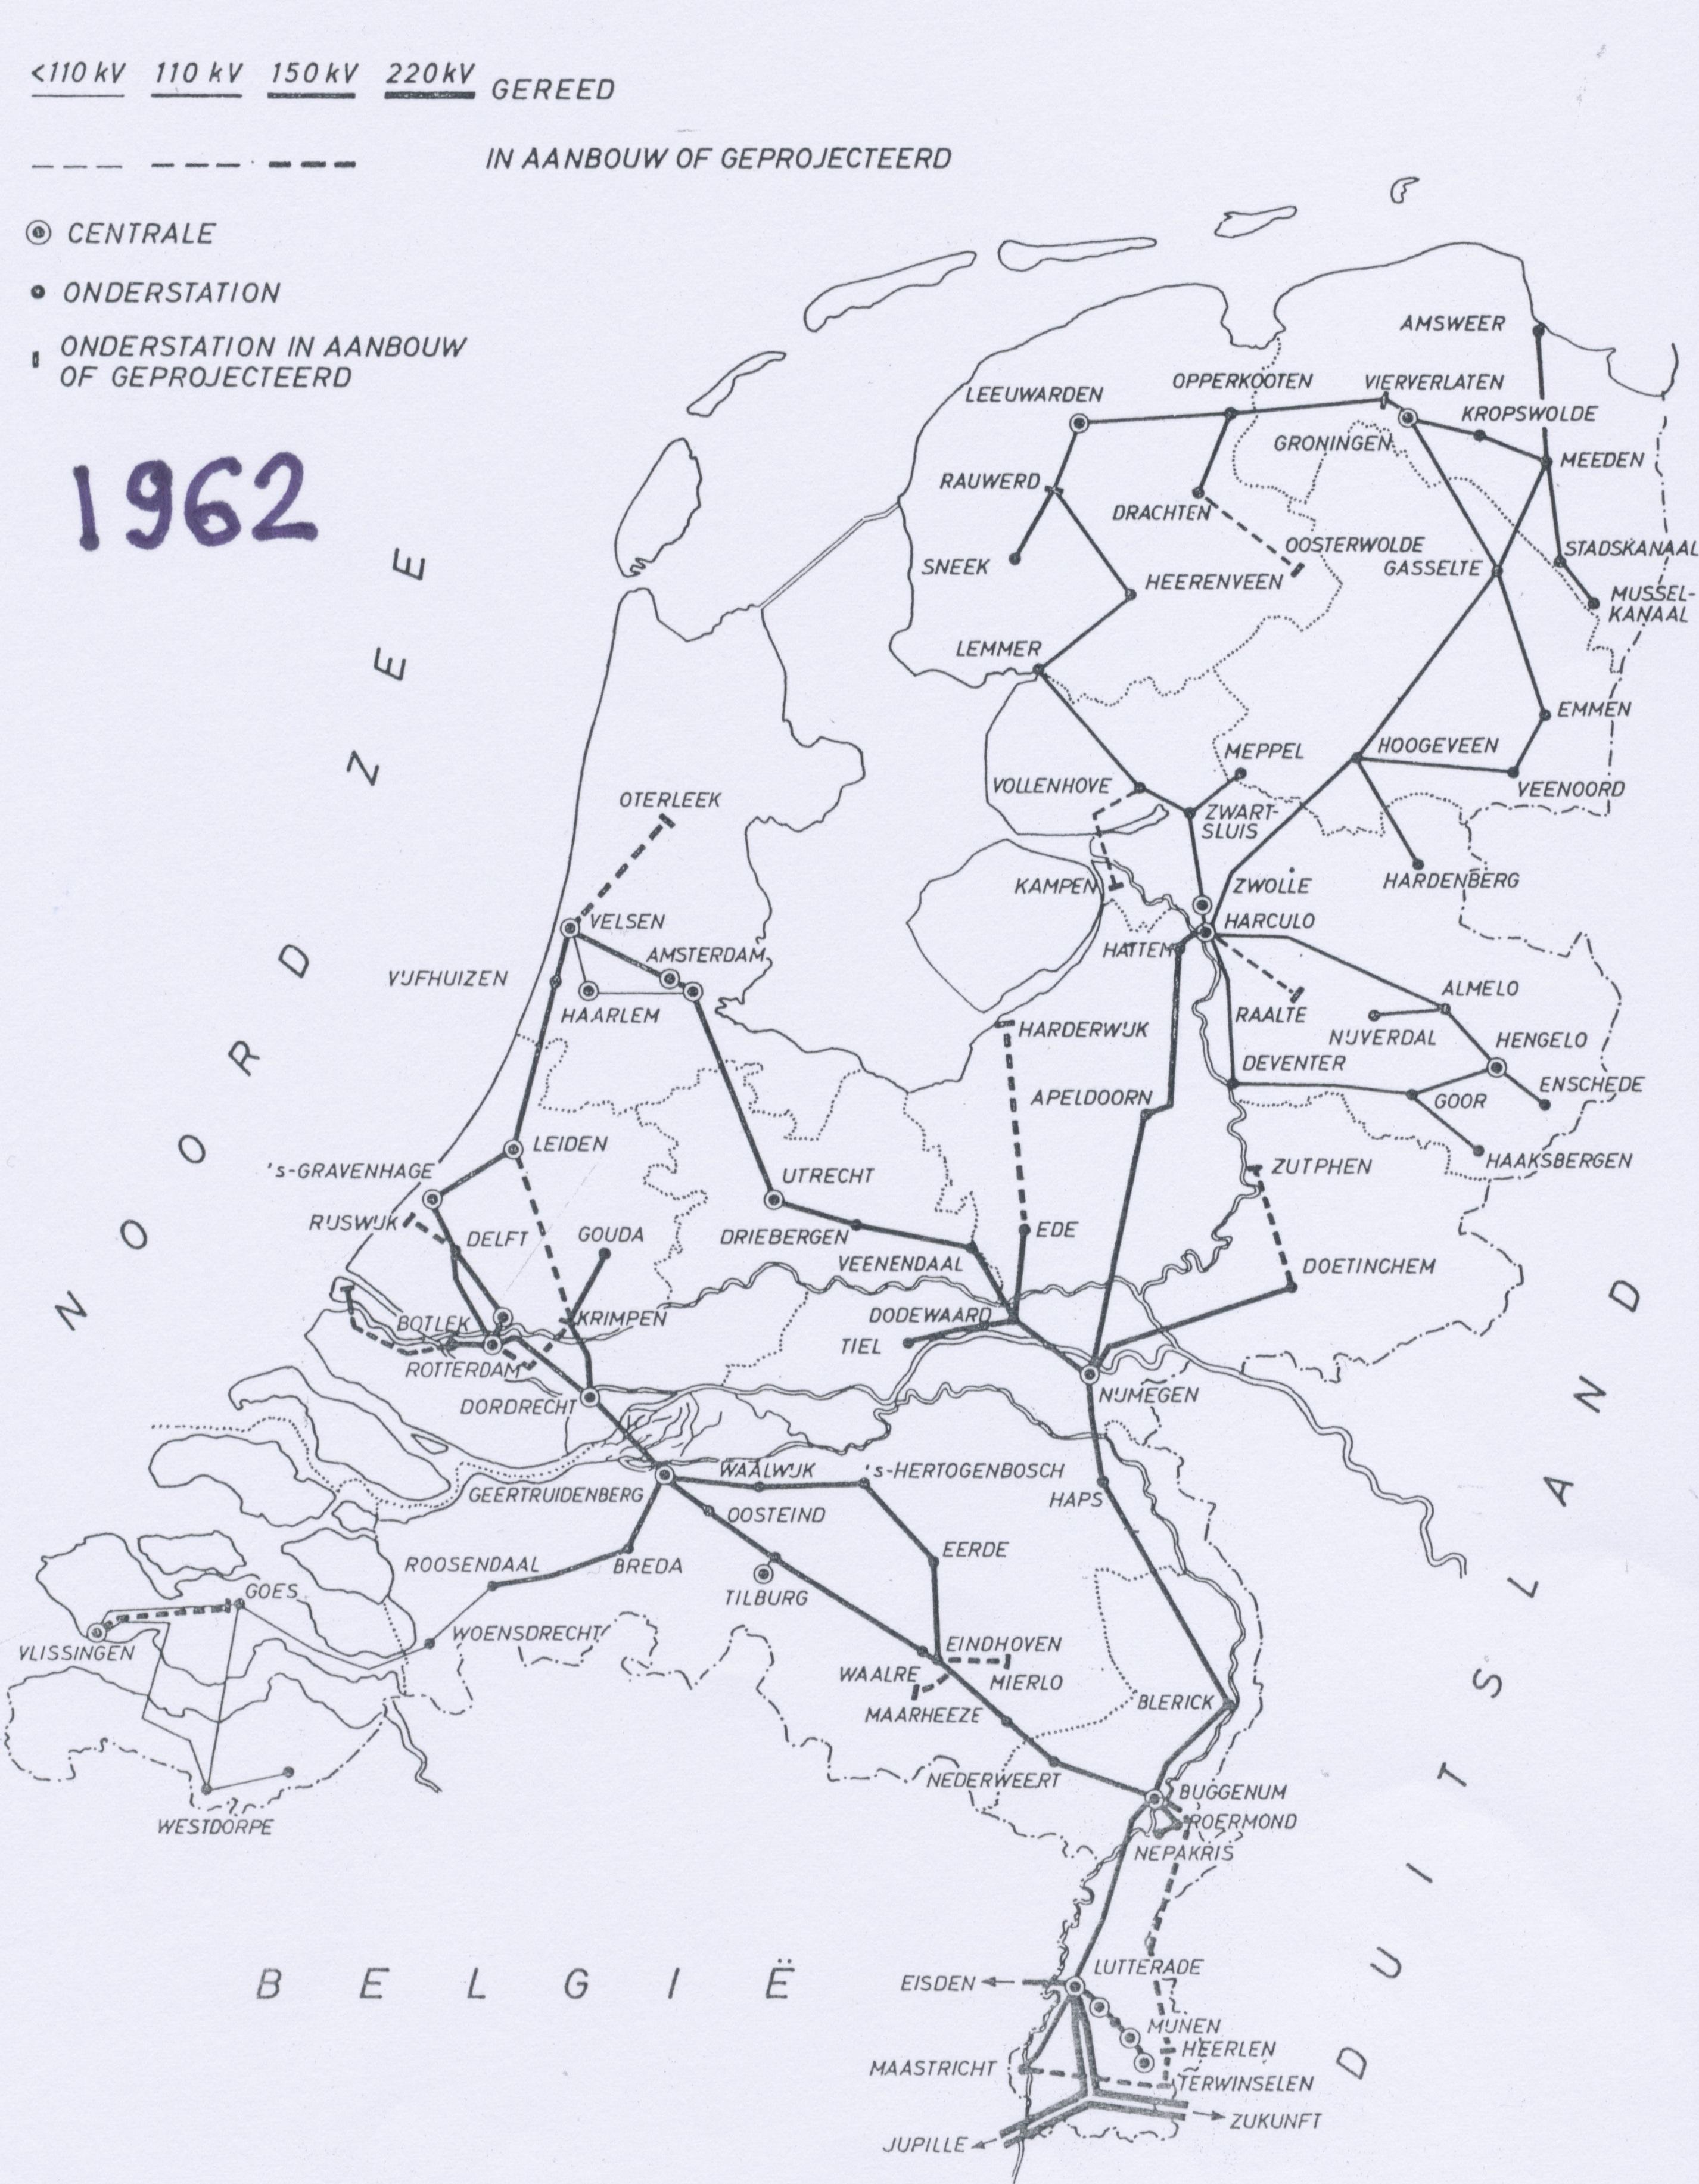 Netkaart van 1962